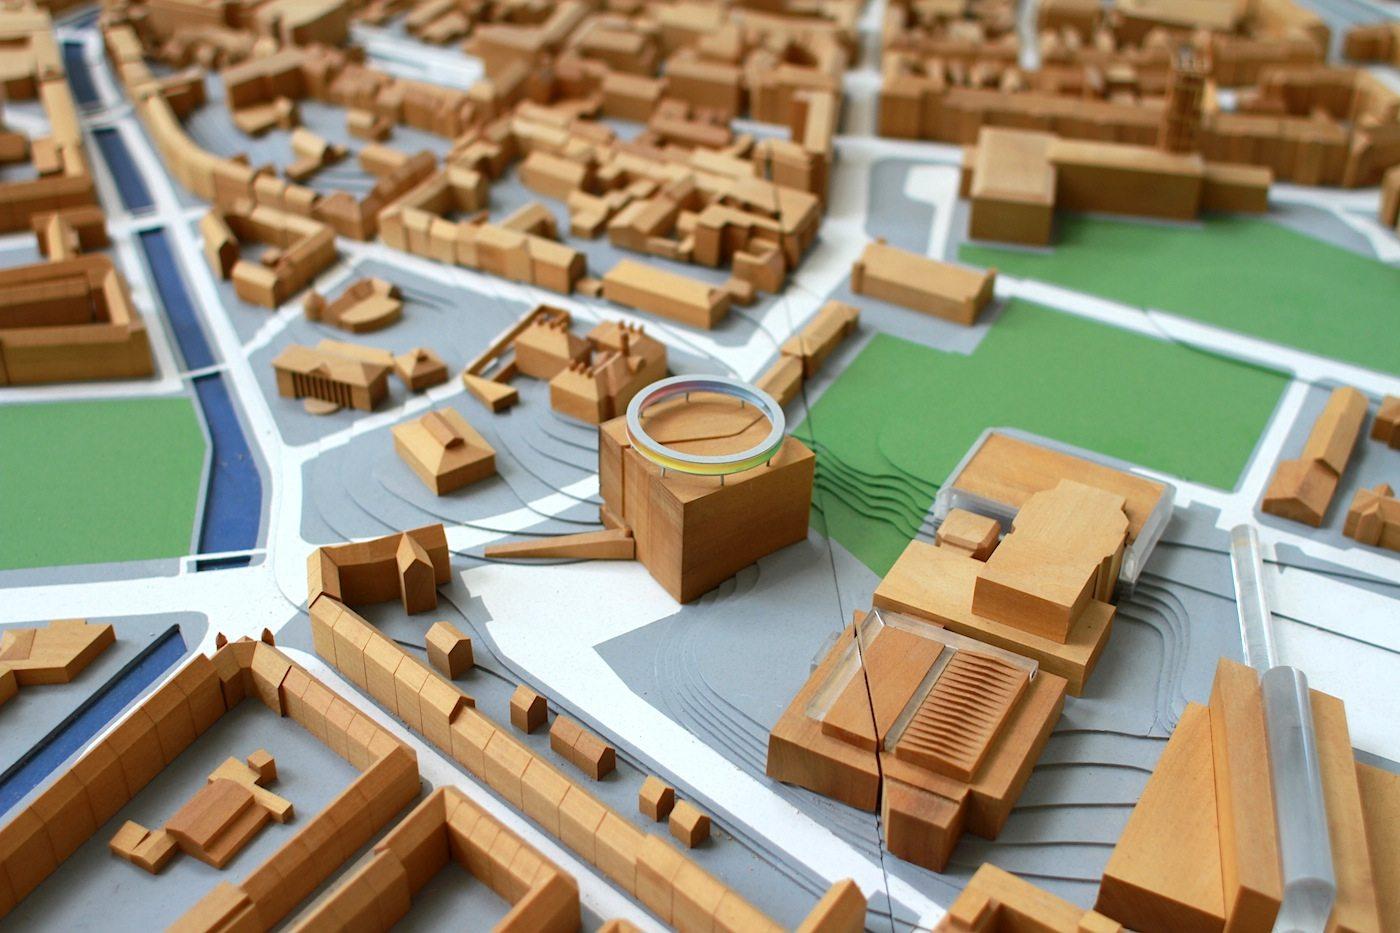 Regenbogen.  In der Mitte: das Kunstmuseum ARoS. Rechts unten ist das Kongresszentrum. Oben rechts befindet sich das Rathaus von Aarhus.